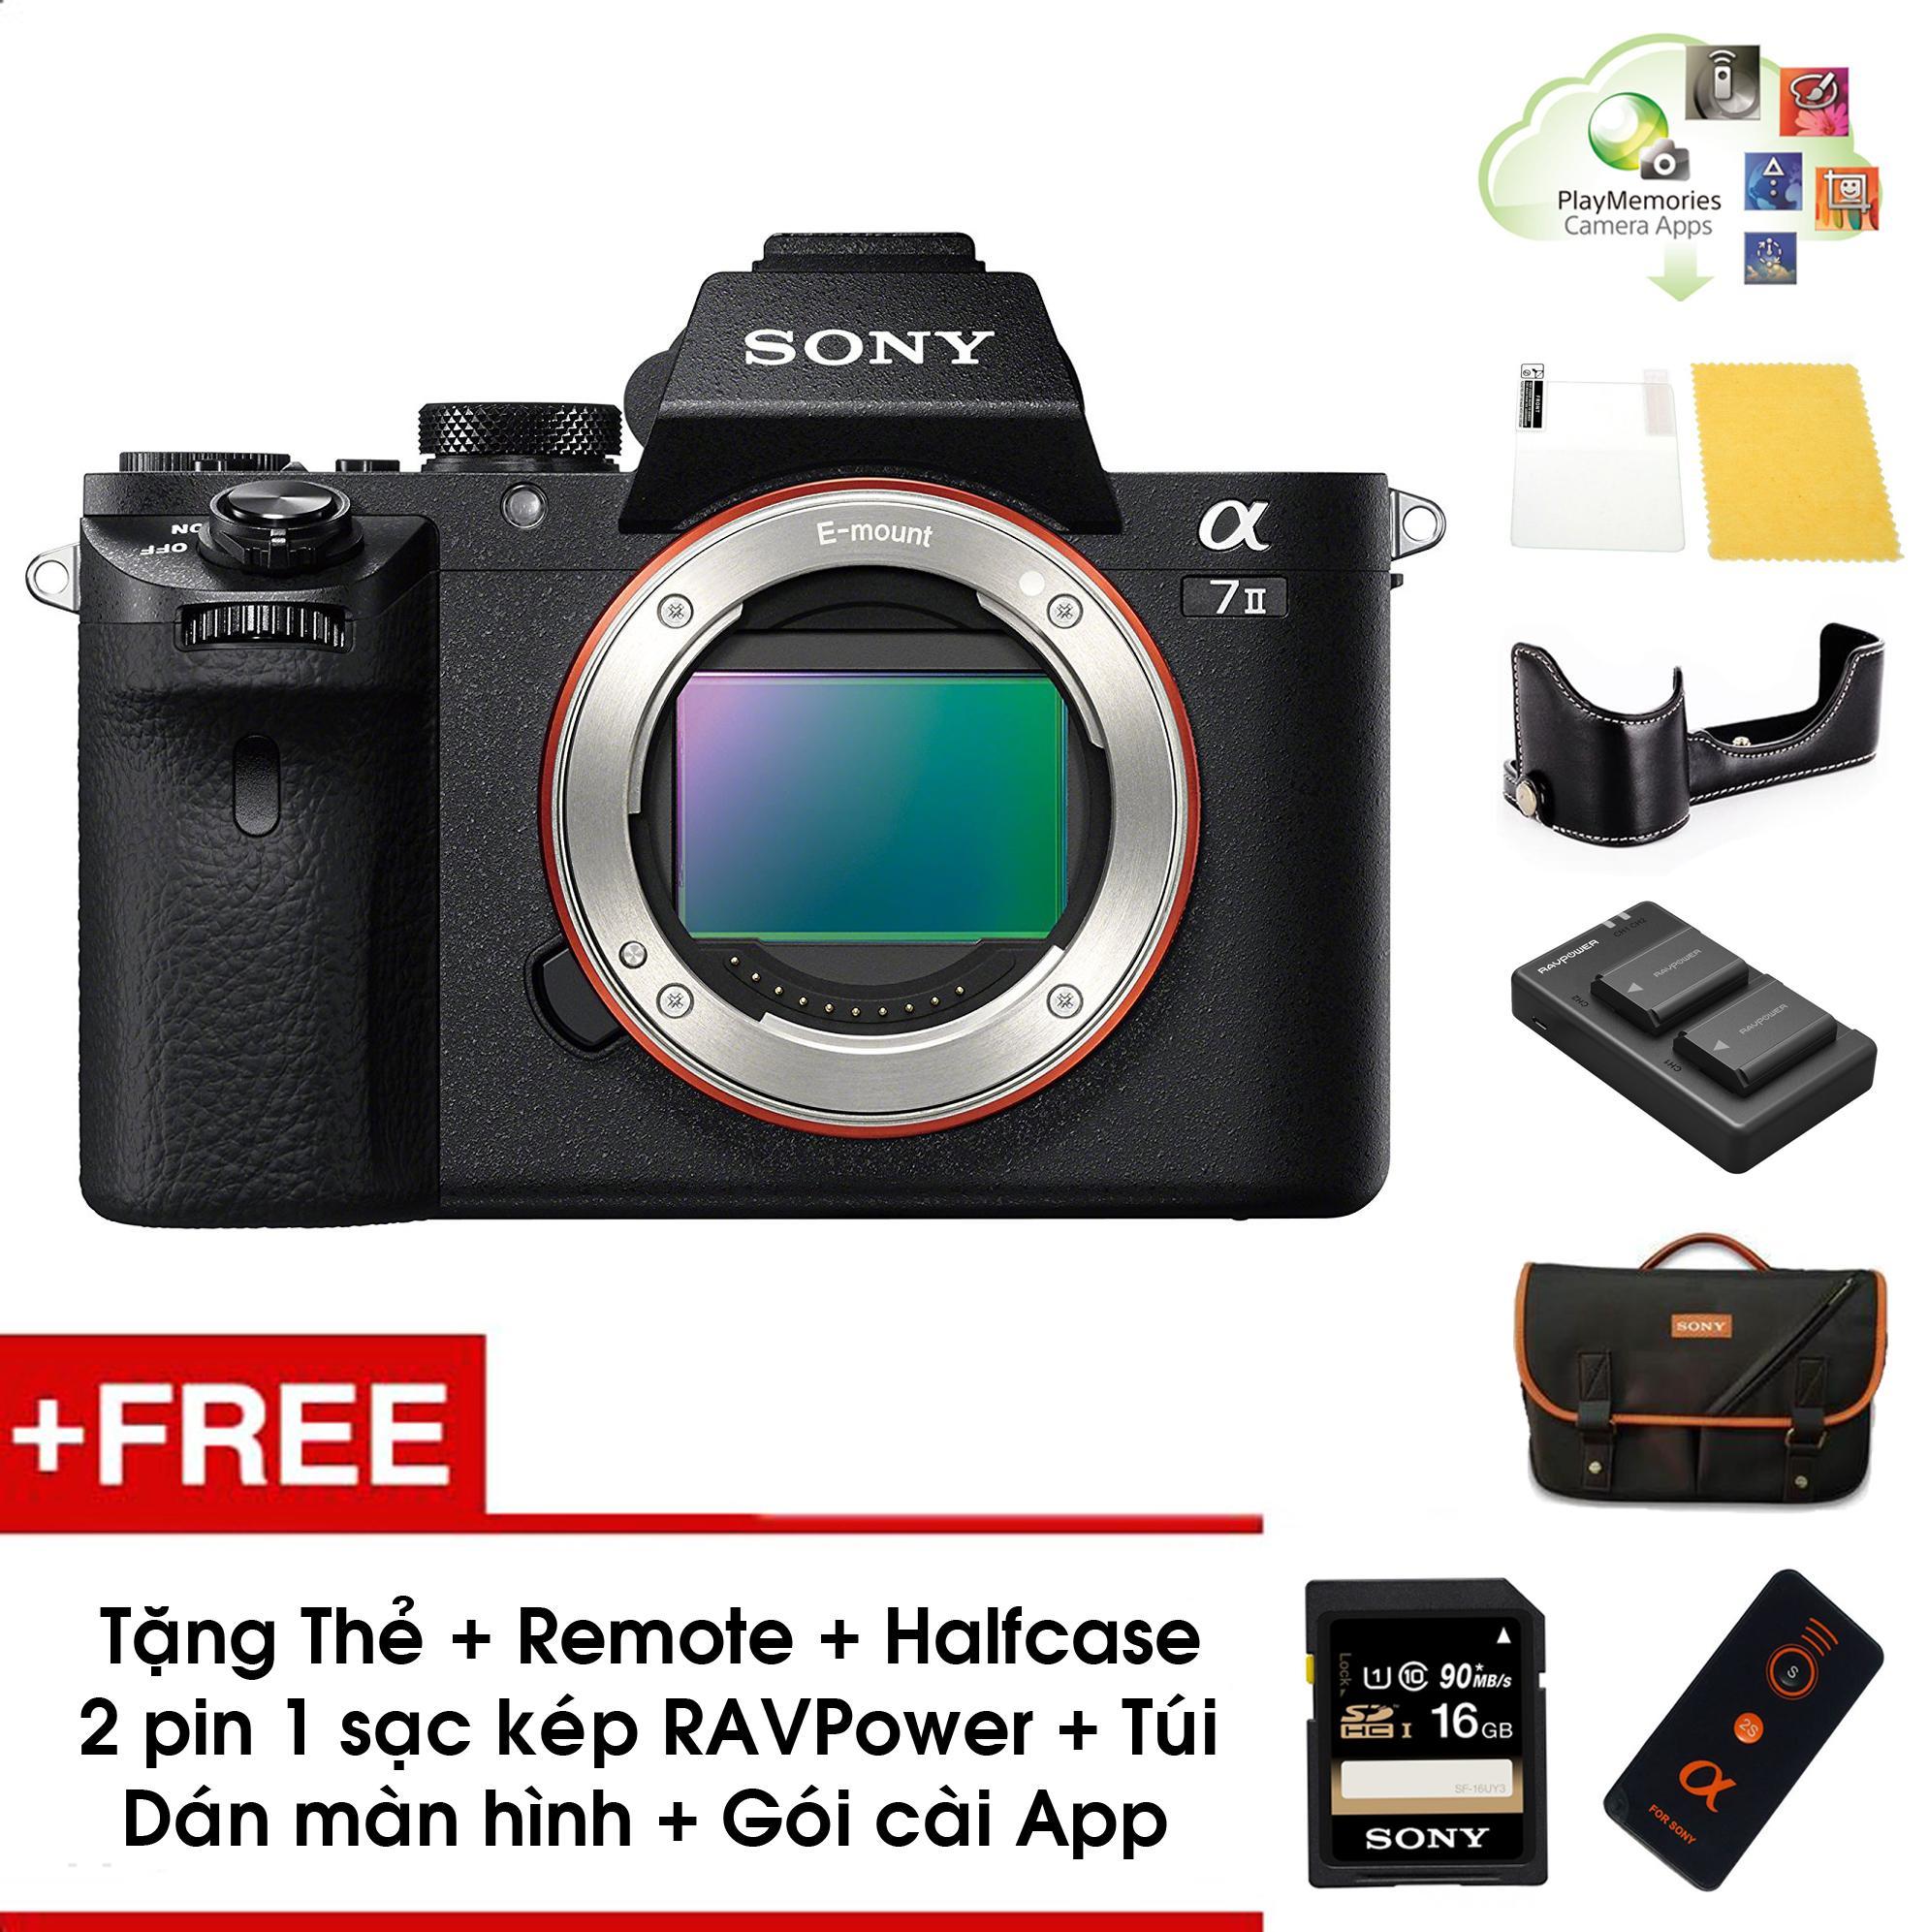 Máy ảnh Sony A7 mark II (Body) - Màu đen - Tặng thẻ nhớ 16GB + Túi + Combo 2 pin 1 sạc kép RAVPower + Bao halfcase + Gói appcol + Remote + Dán màn hình - Chính hãng SonyVN